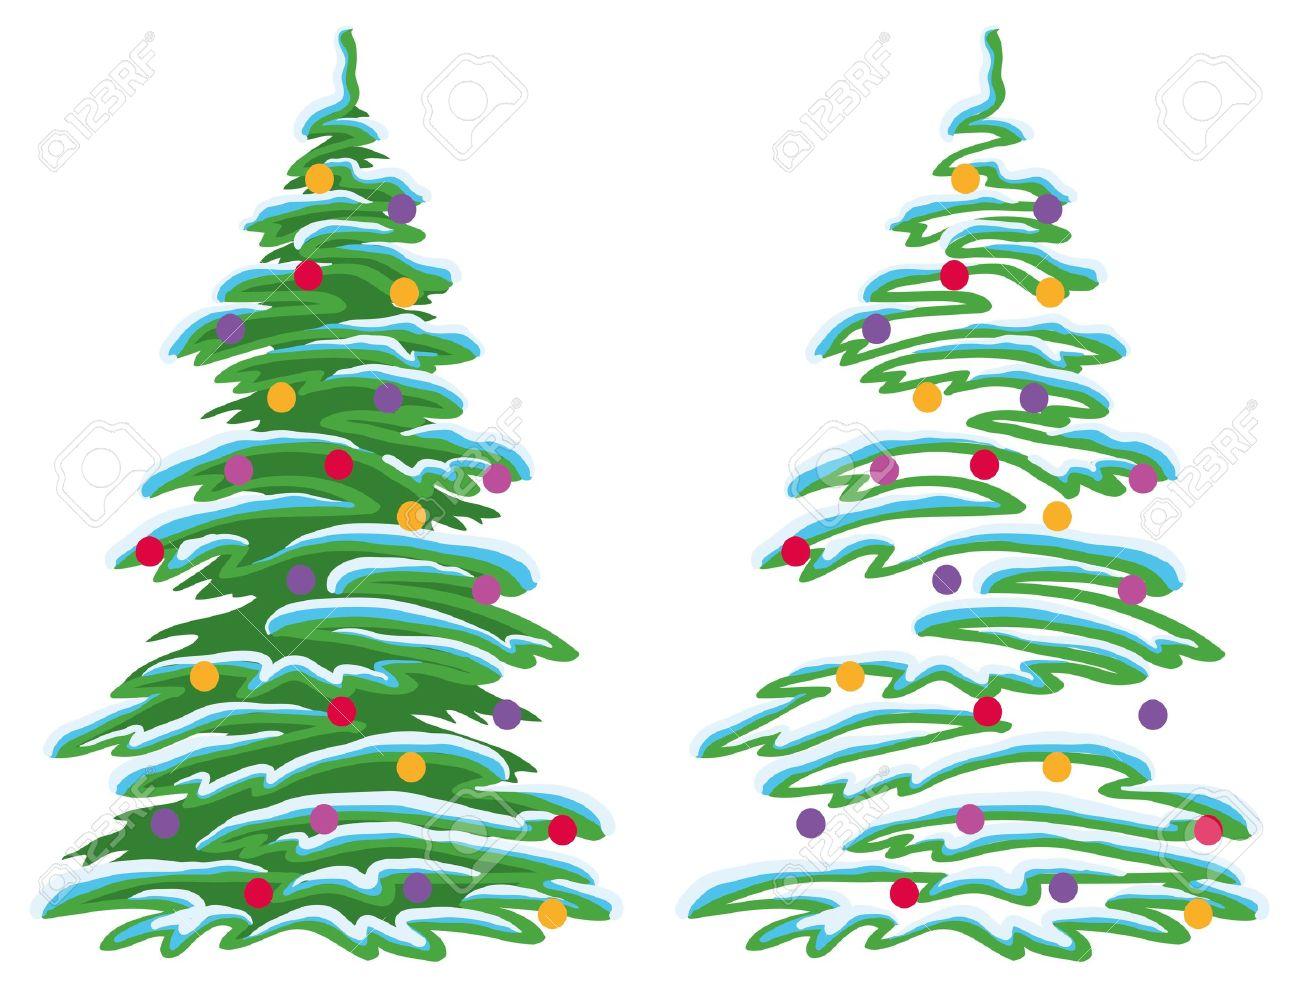 foto de archivo navidad rbol de navidad con adornos bolas y estrellas vector